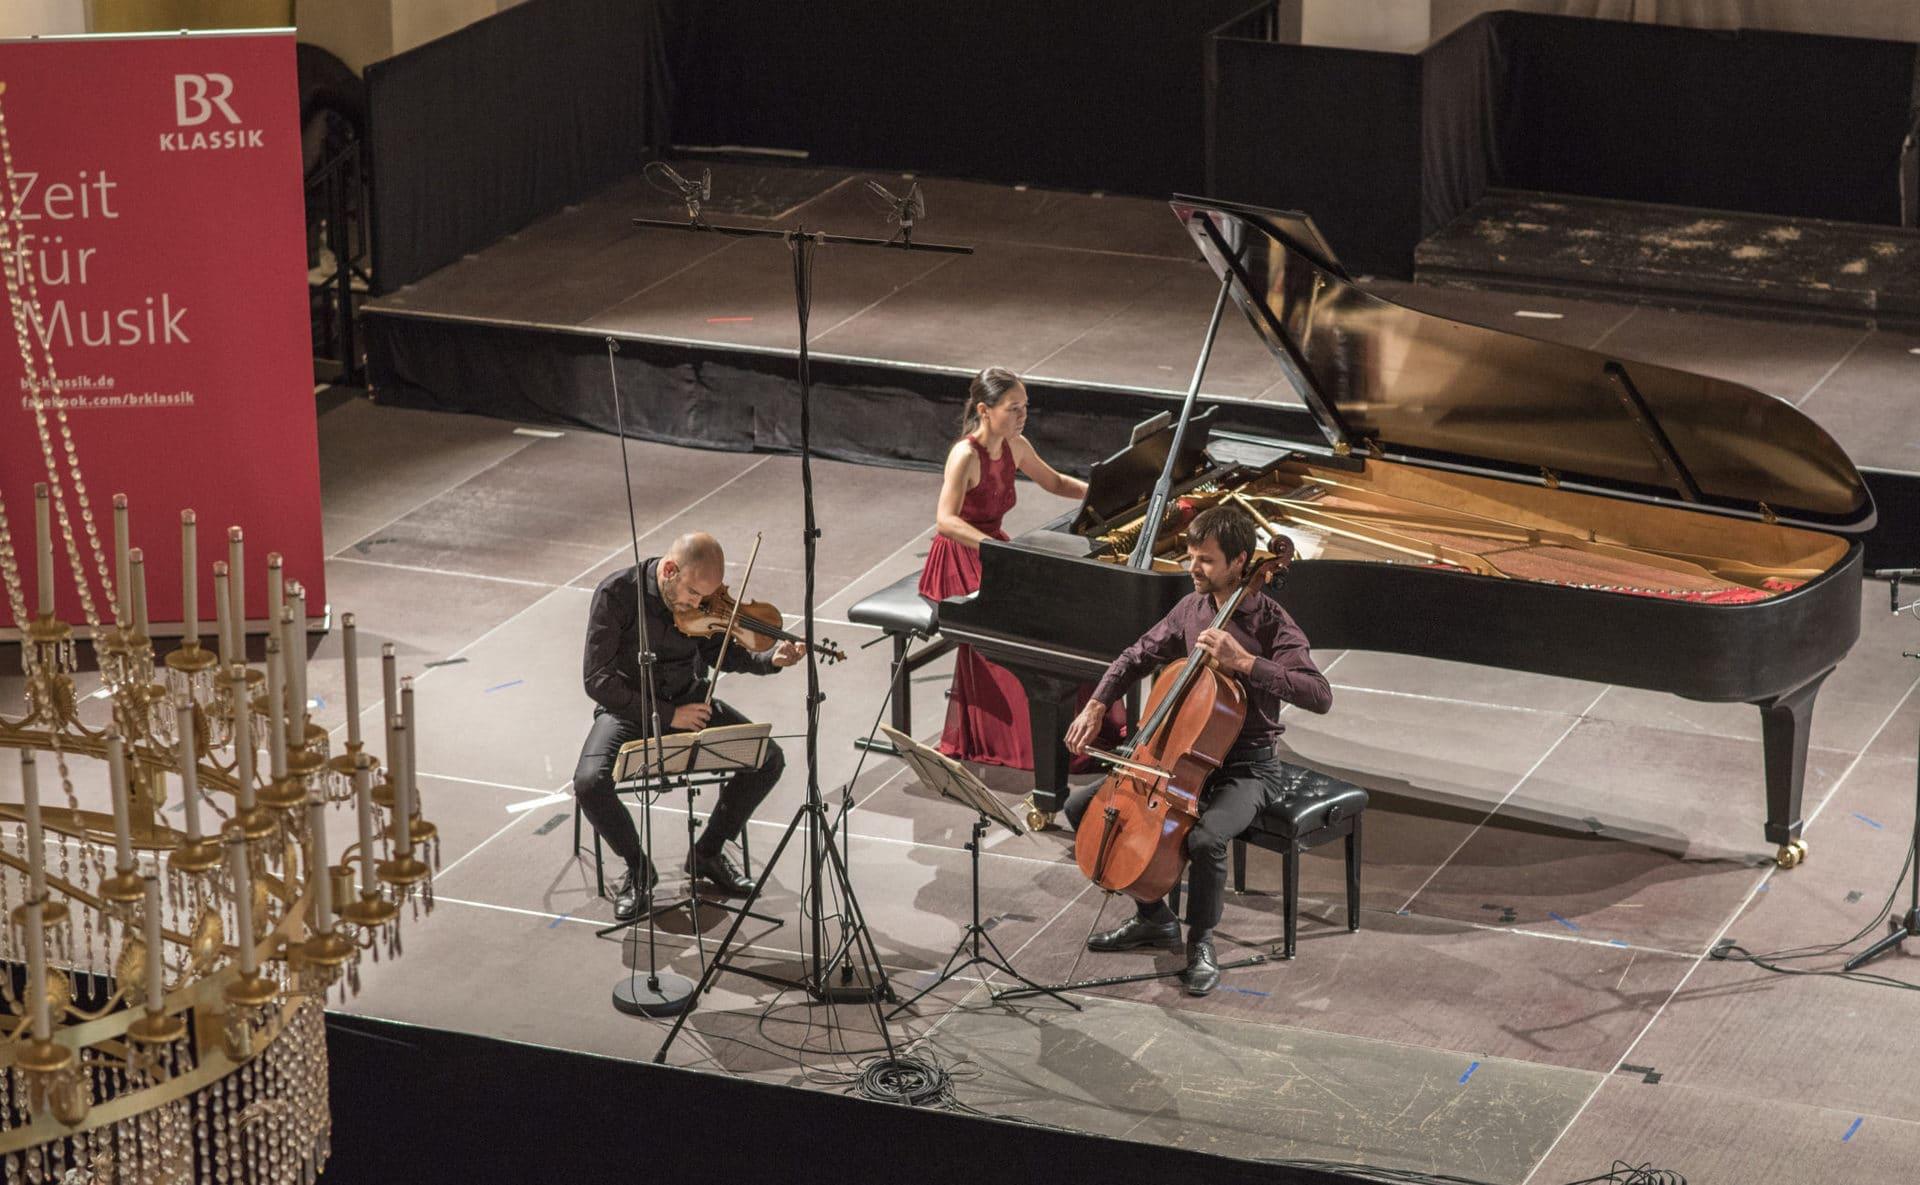 Ein Festival-Herbst von höchster Qualität Das 2. Kammermusikfestival Regensburg verbindet Regionalität mit Internationalität